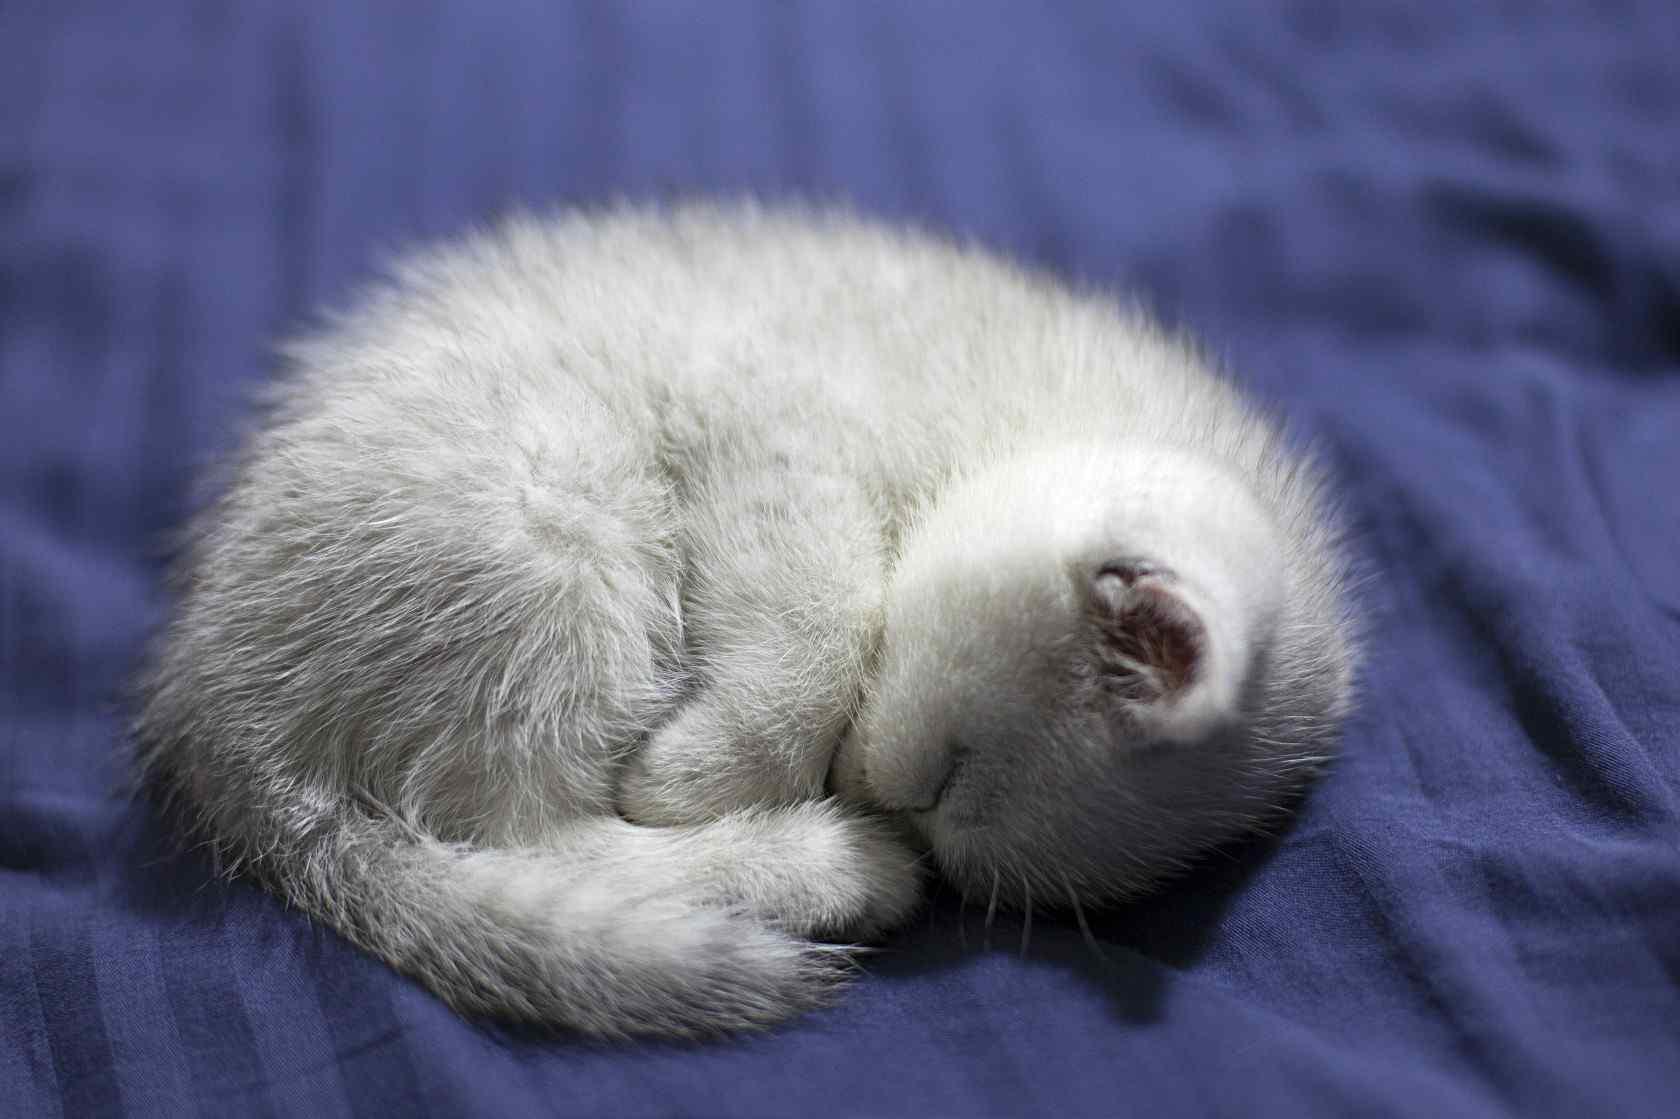 睡成一团的可爱英短小奶猫桌面壁纸